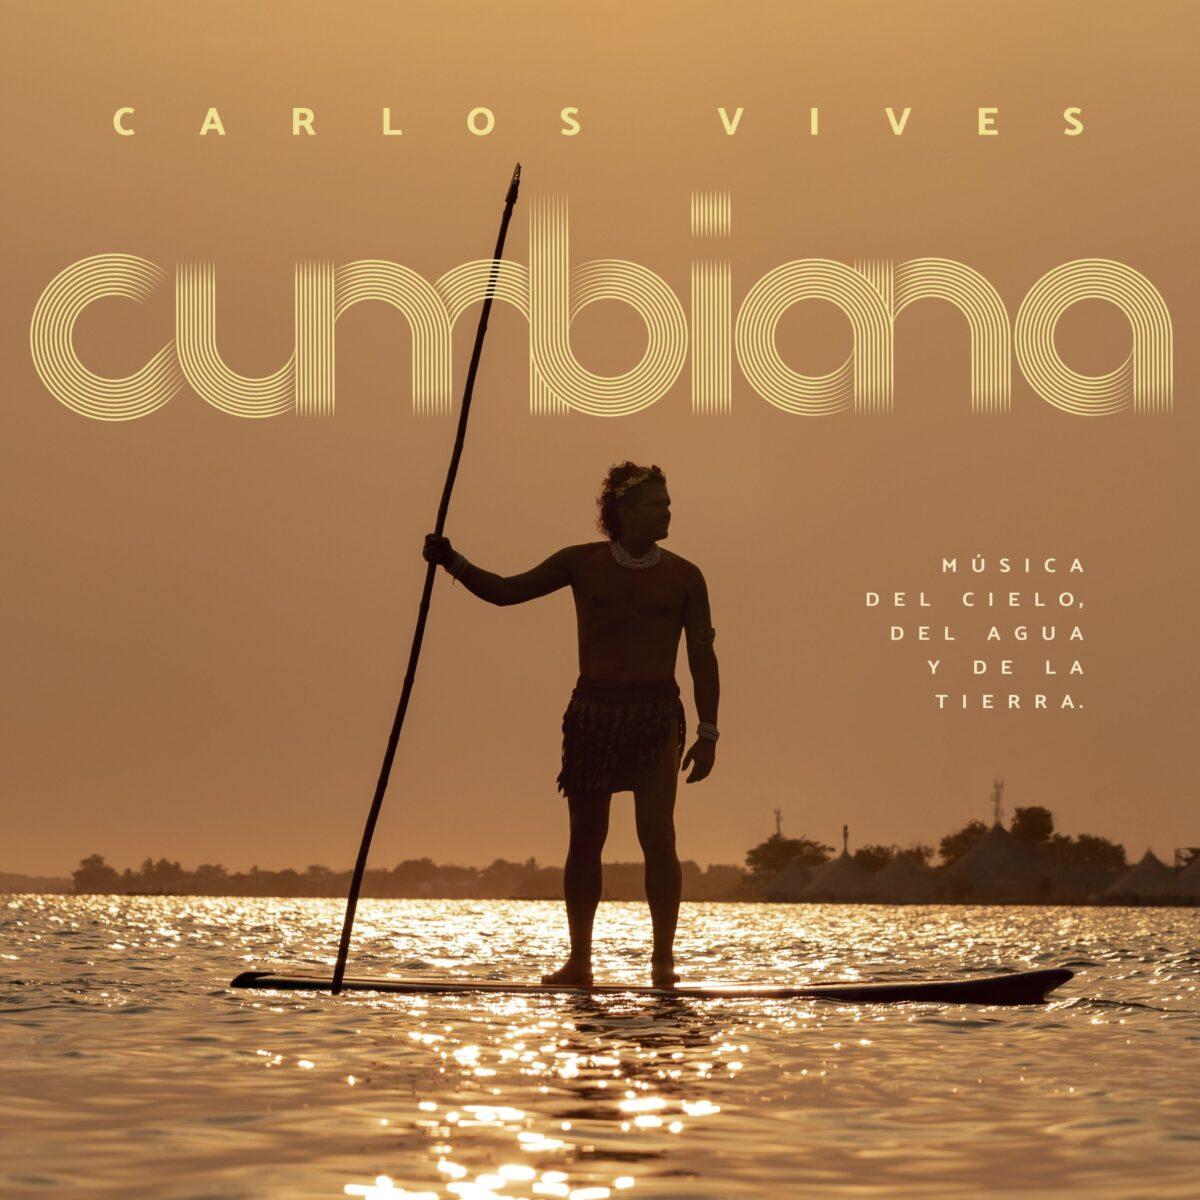 cumbiana carlos vives describe una a una sus canciones cv cover cumbiana scaled 1